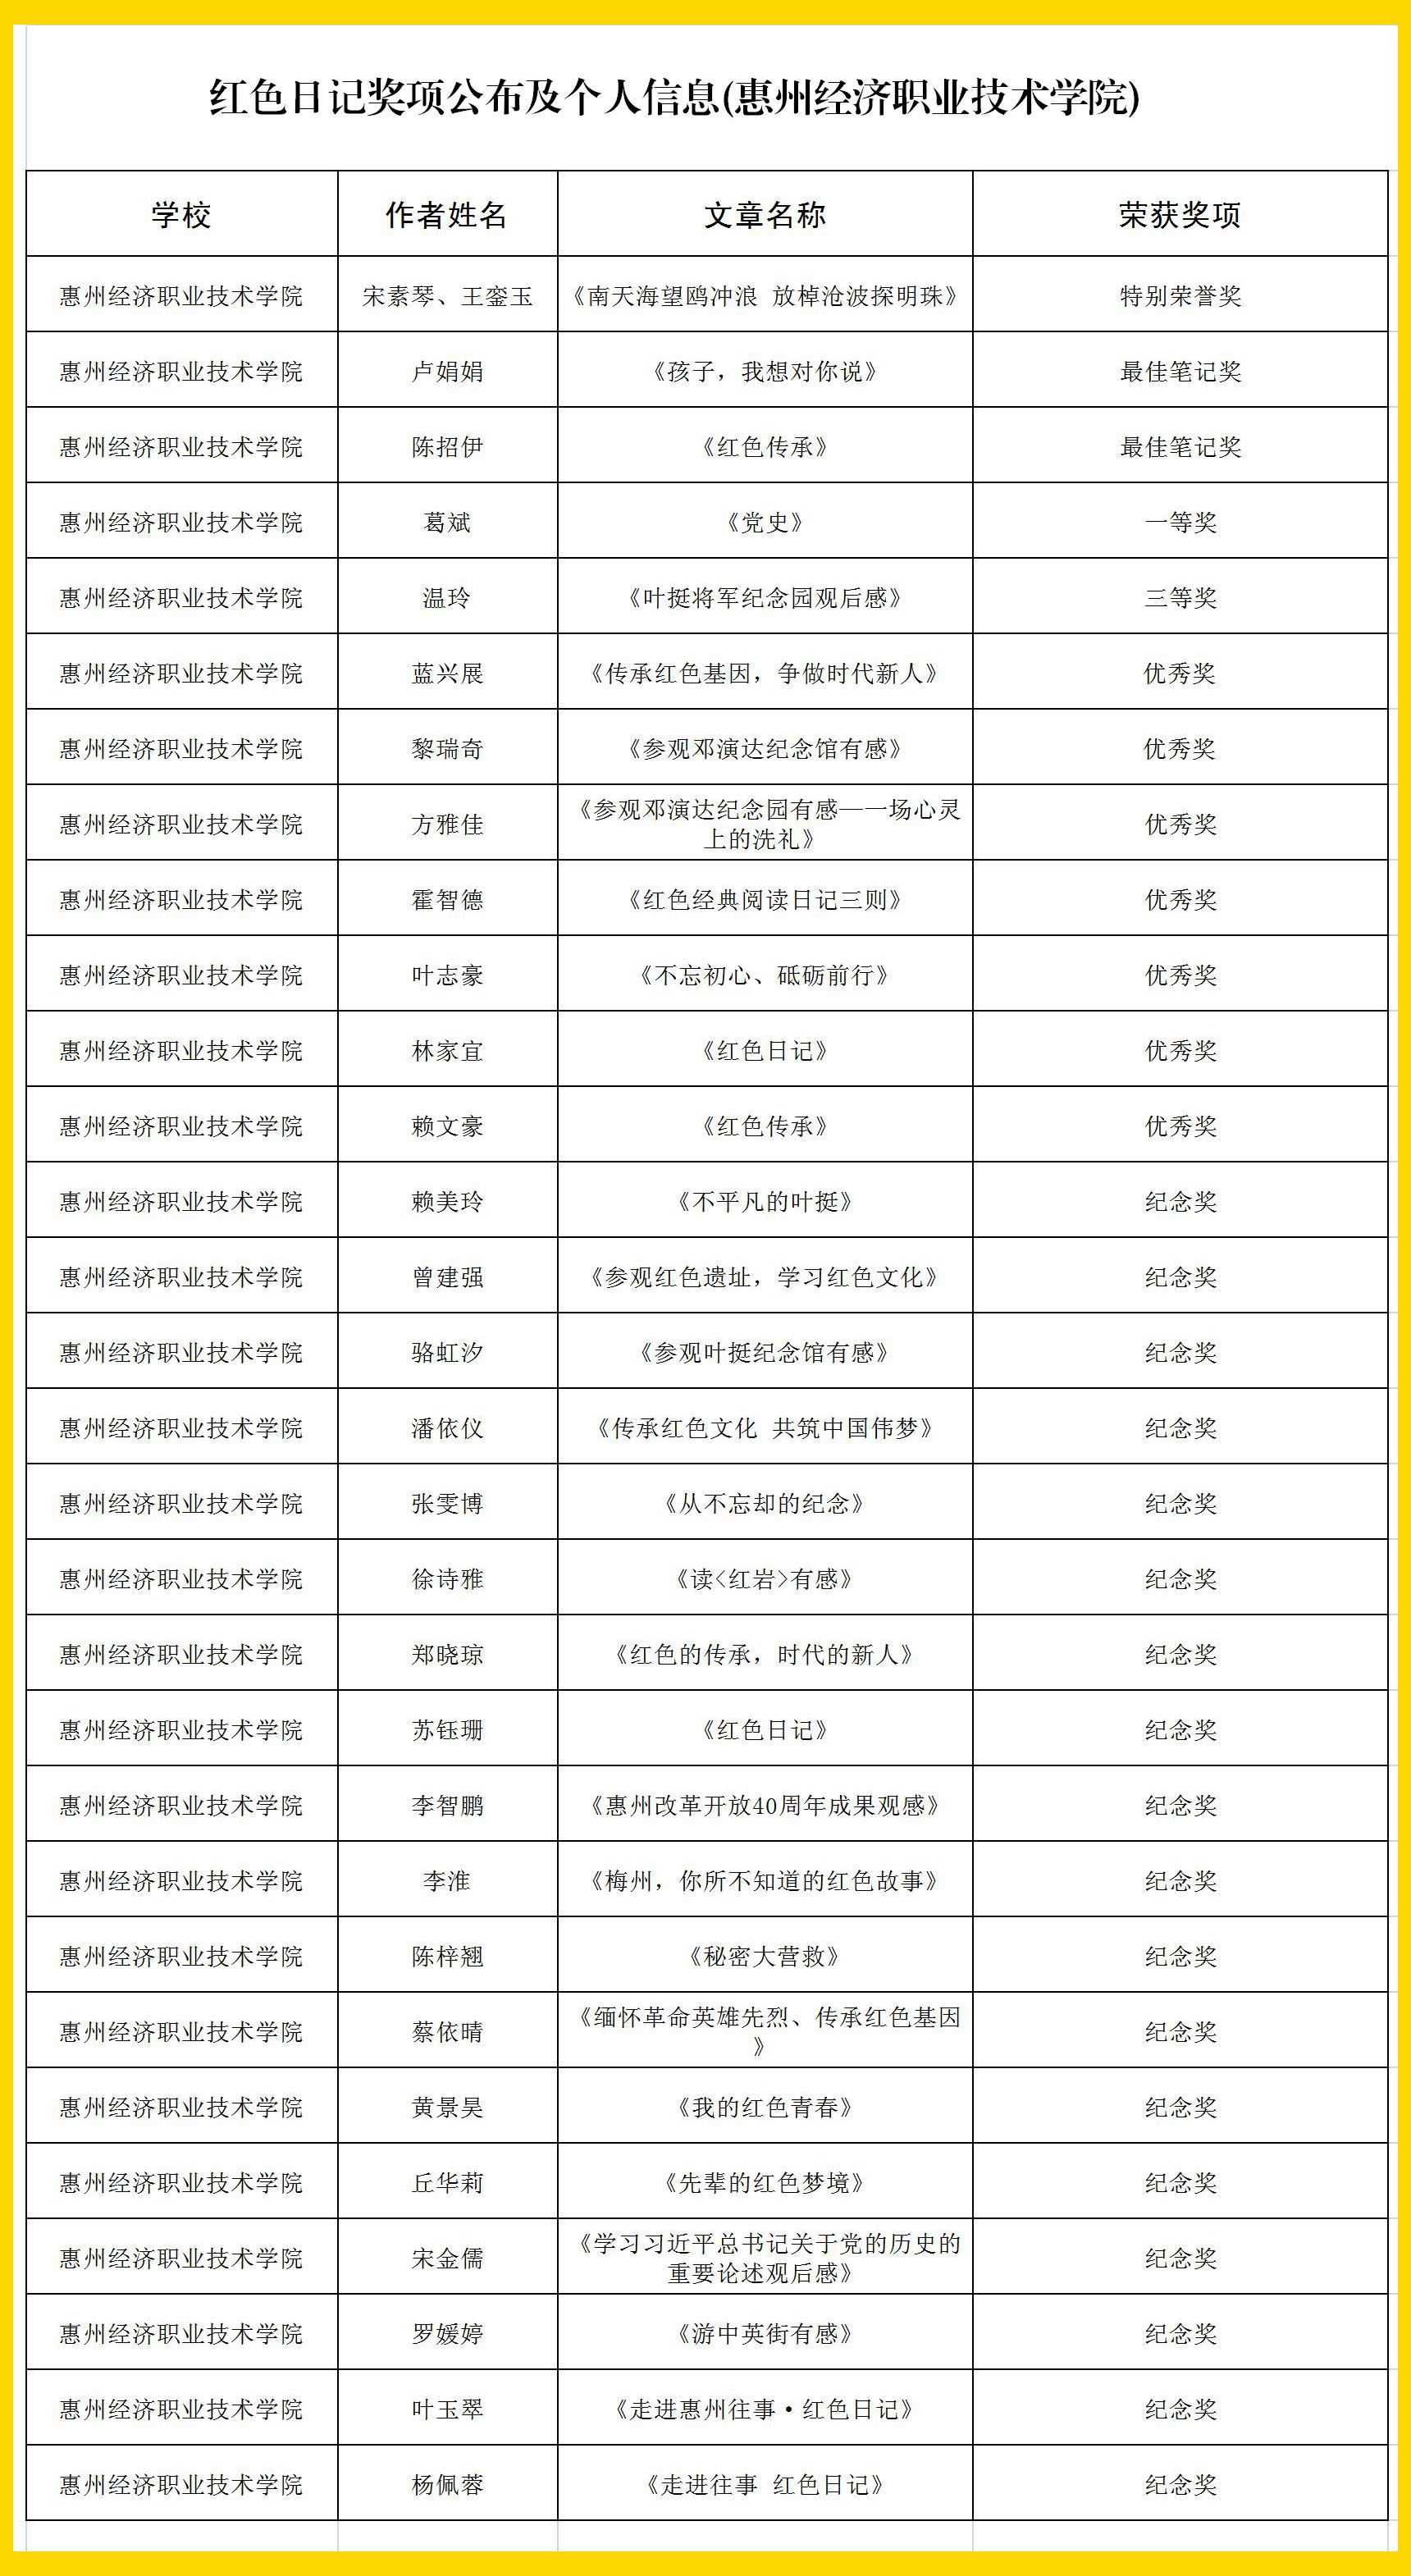 """【喜讯】我校在广东省第三届""""体育彩票・红色日记""""征文大赛(惠州赛区)斩获33个奖项!"""